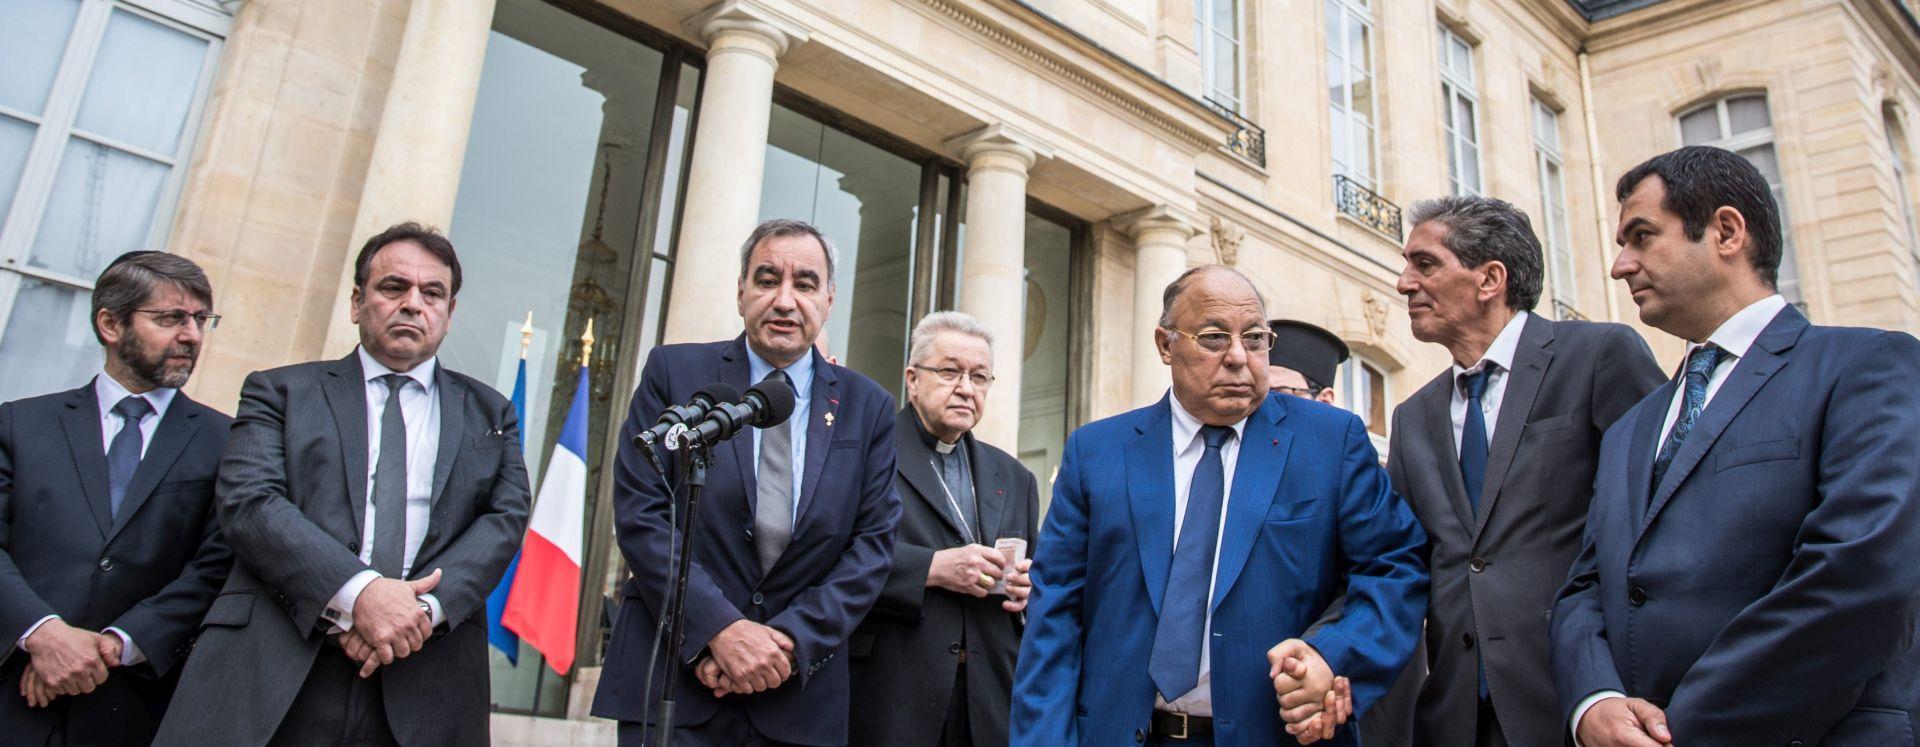 FRANCUSKA Vjerski vođe zatražili bolju sigurnost u crkvama i hramovima